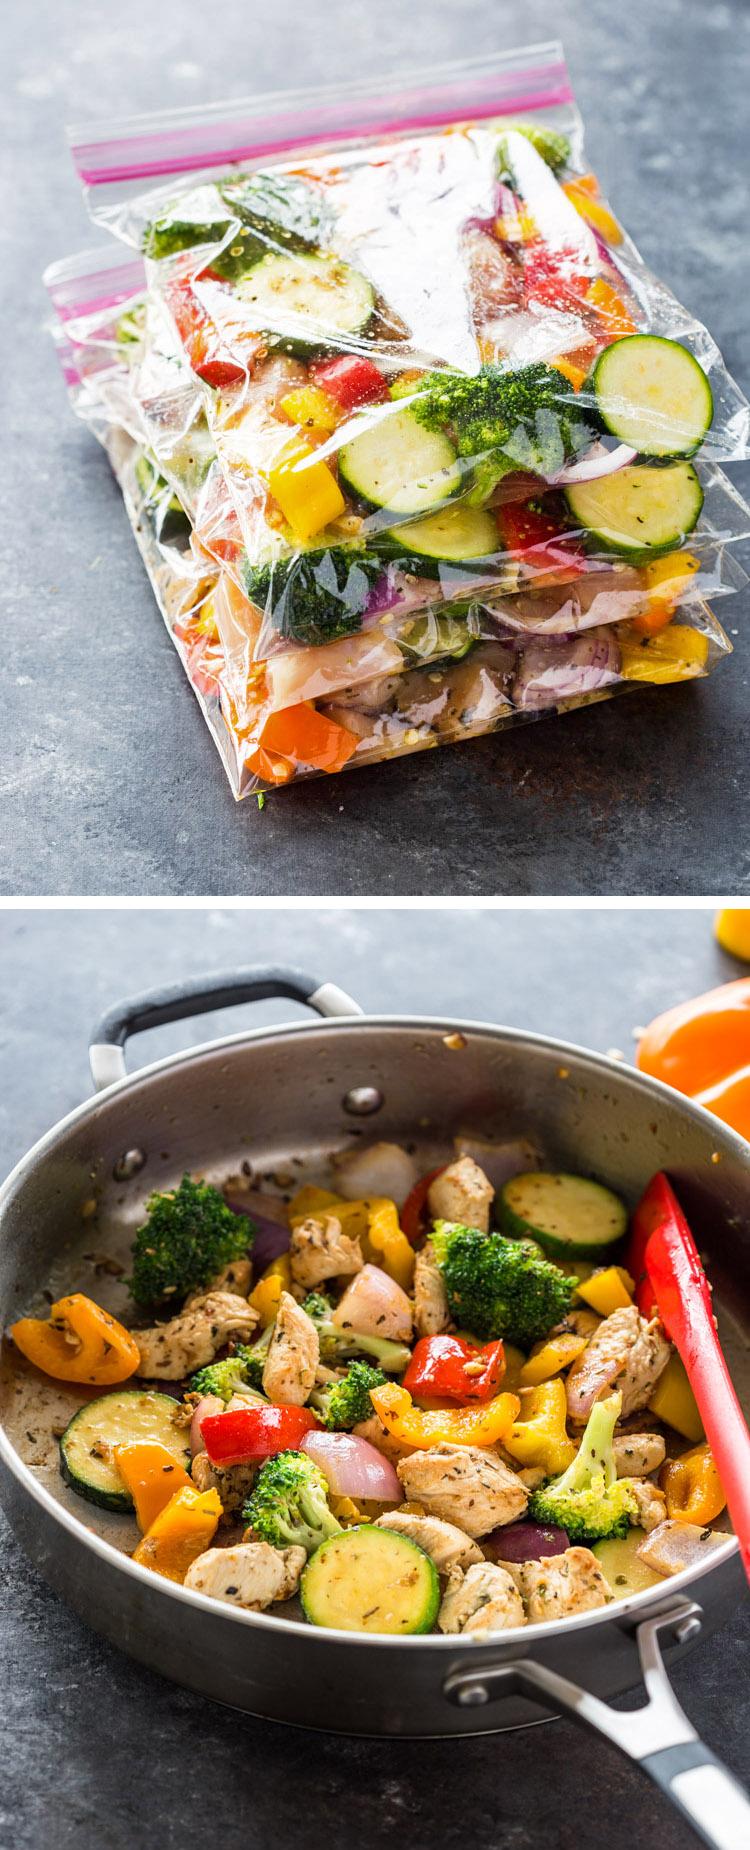 Chicken and Veggie Freezer Packs